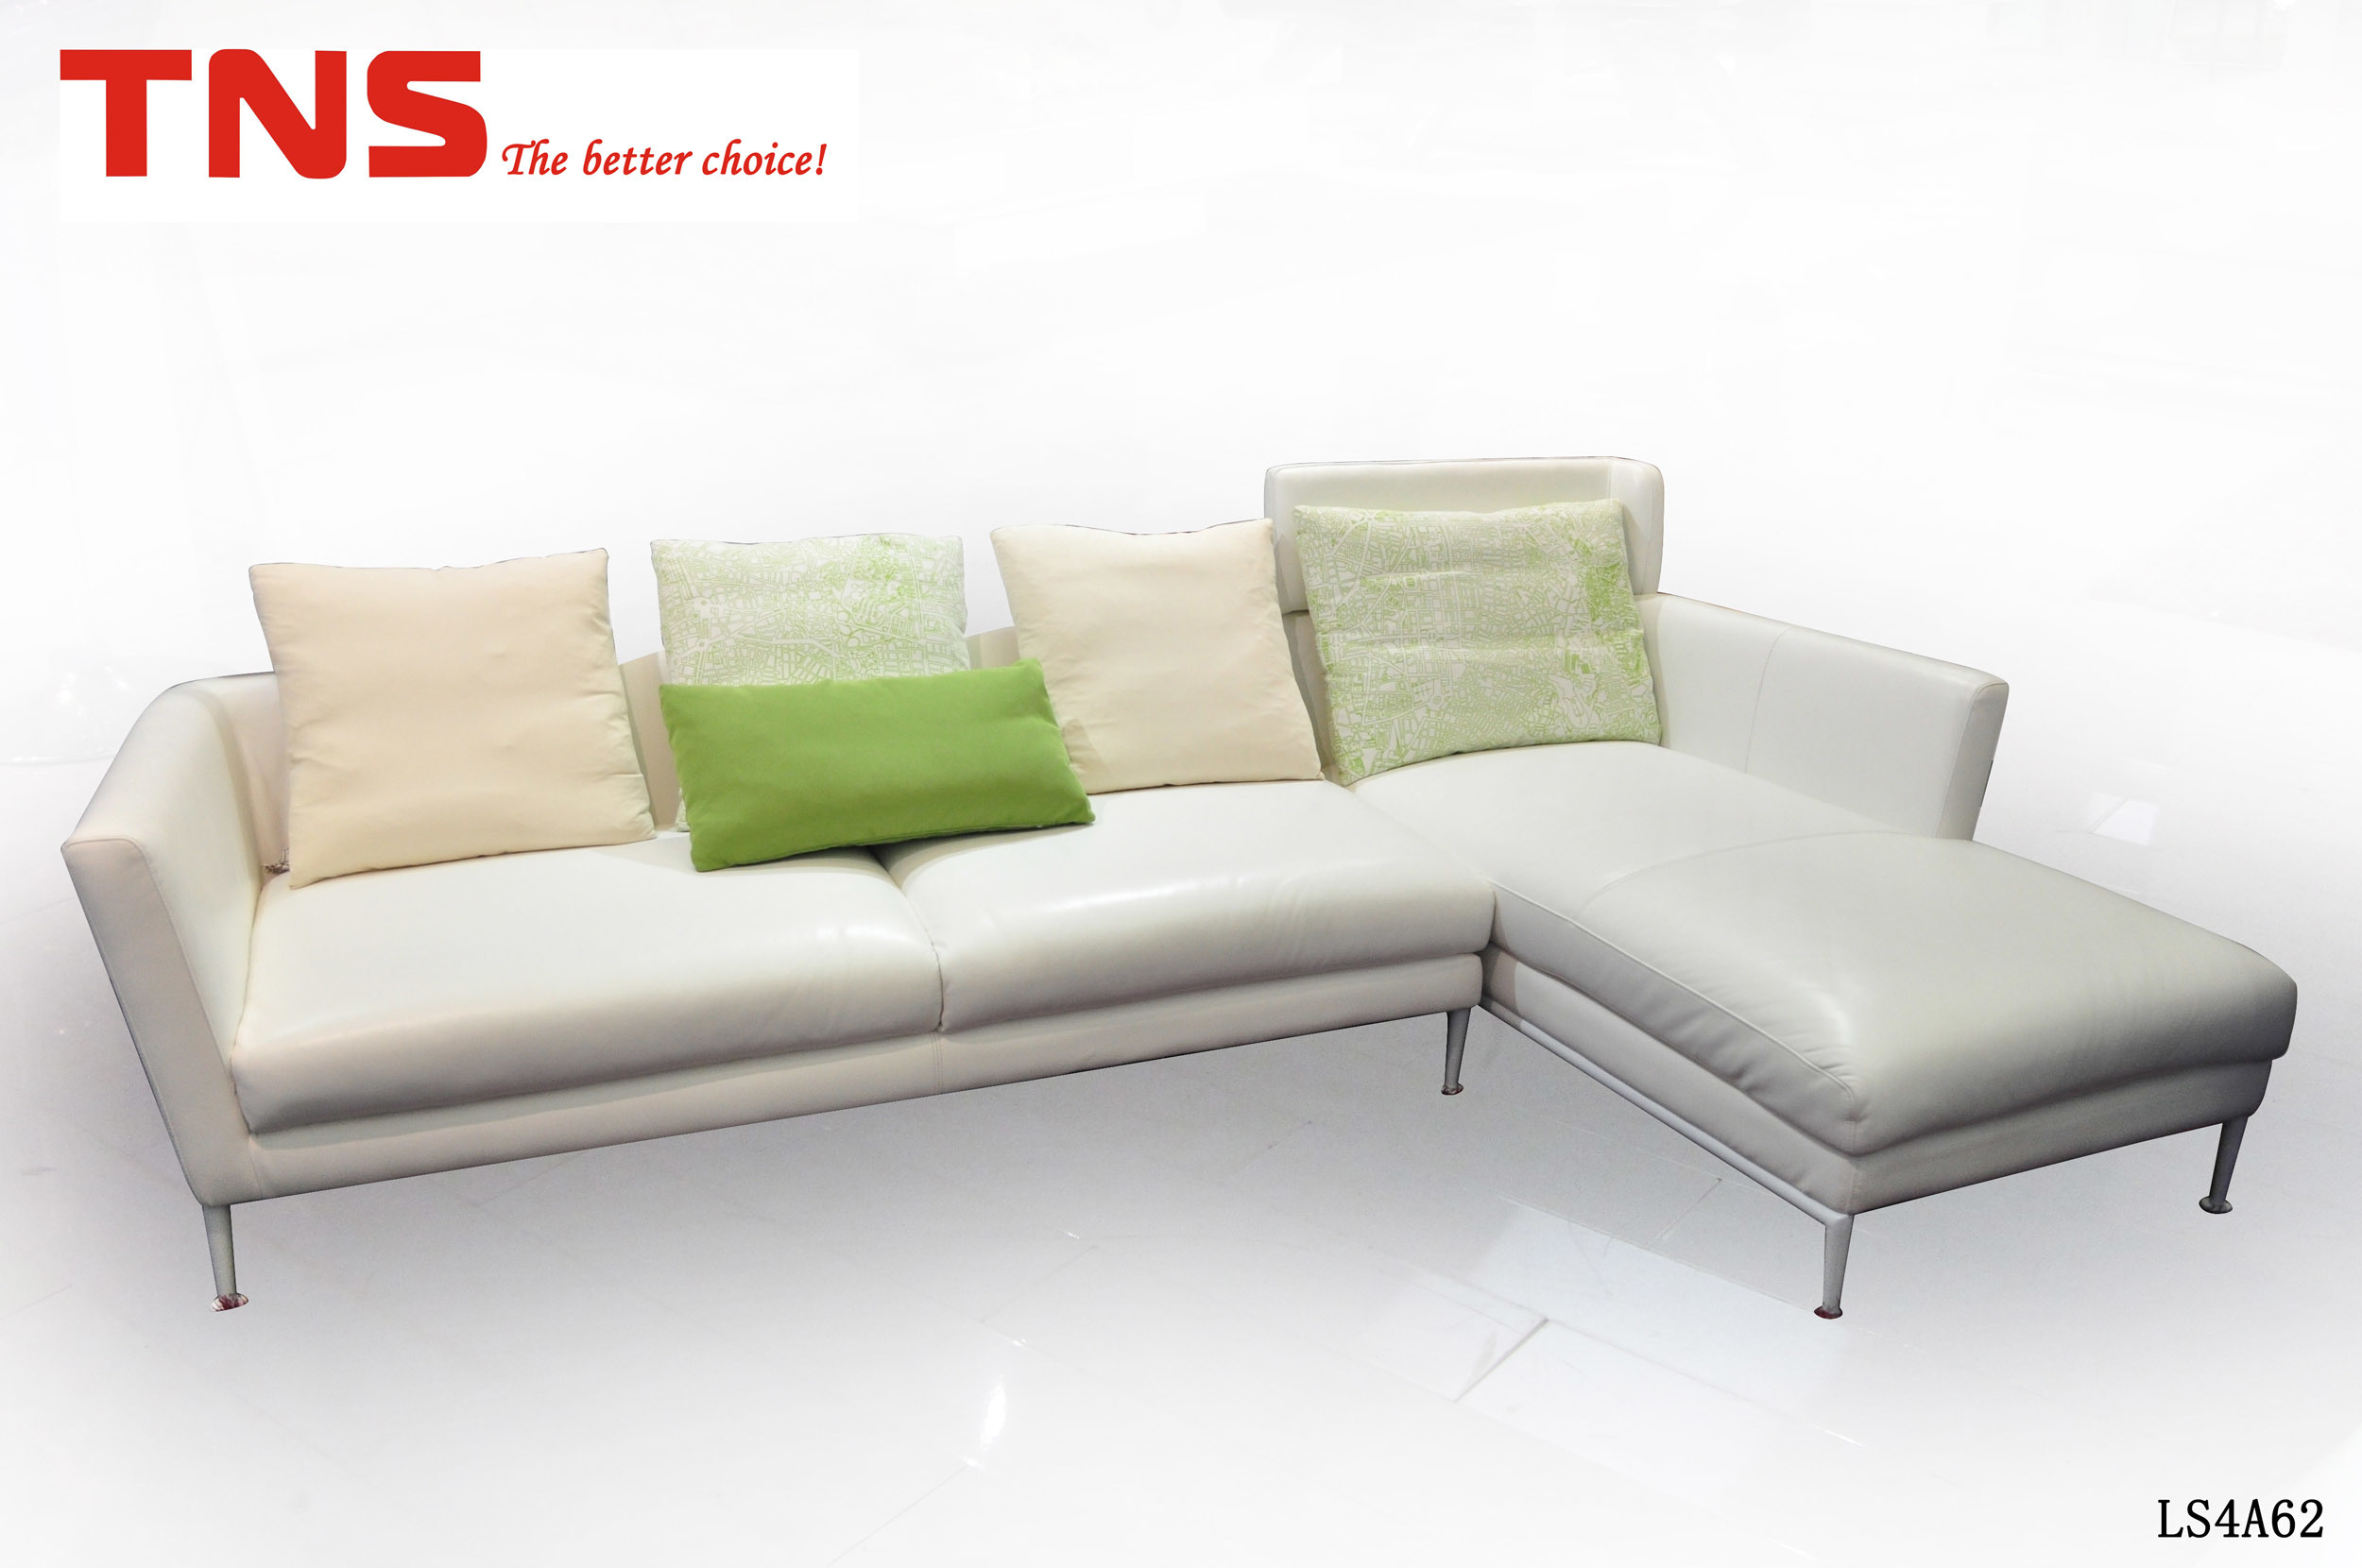 현대 가죽 소파 (LS4A62)에사진 kr.Made-in-China.com